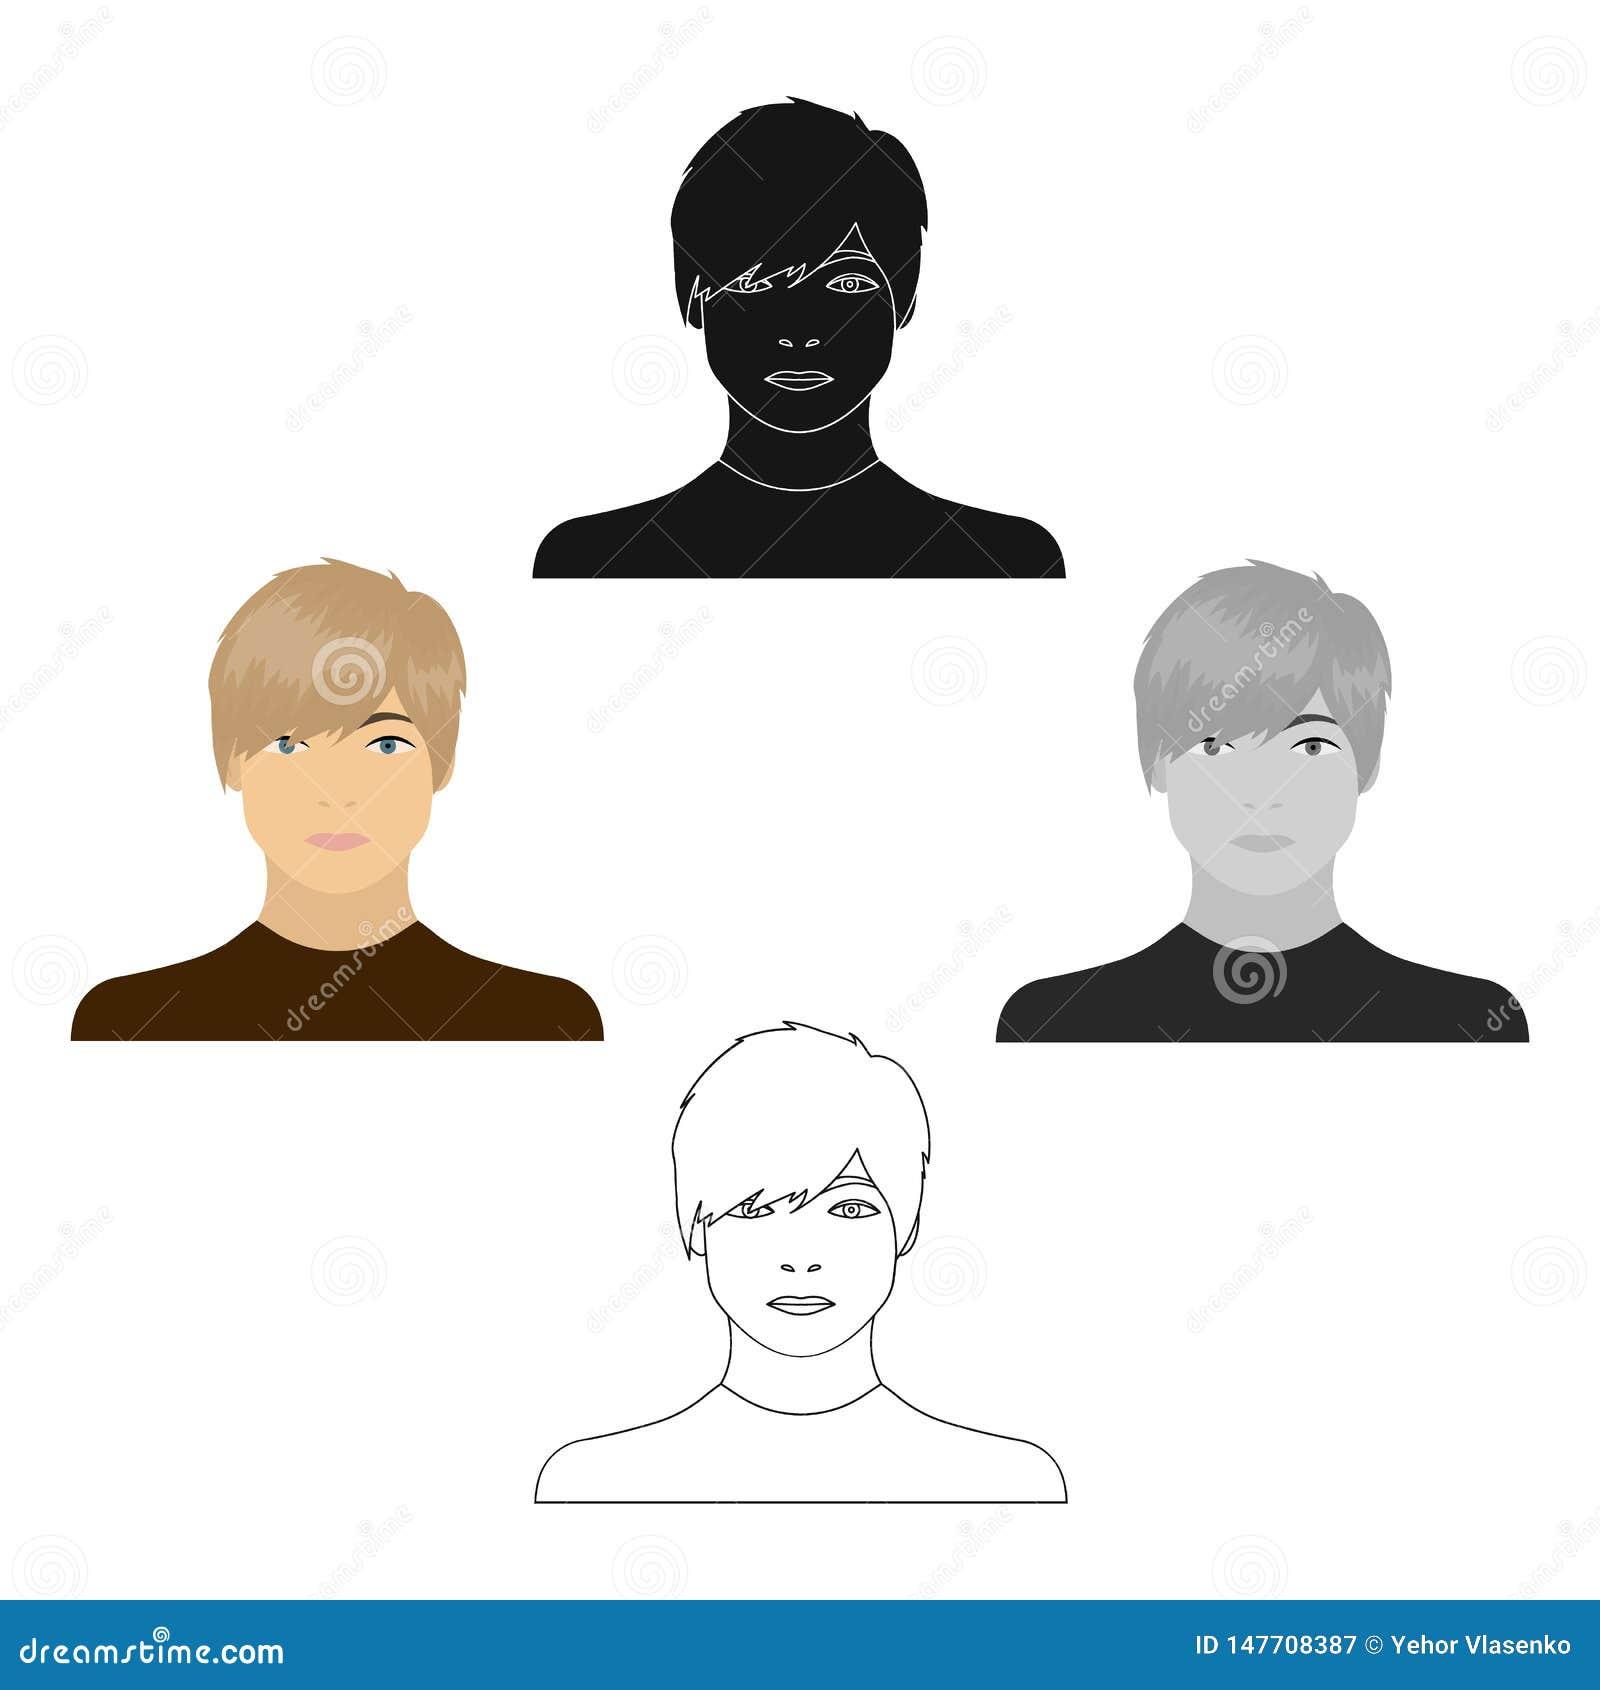 La cara de un individuo joven Cara e icono del aspecto solo en la historieta, web negra del ejemplo de la acción del símbolo del